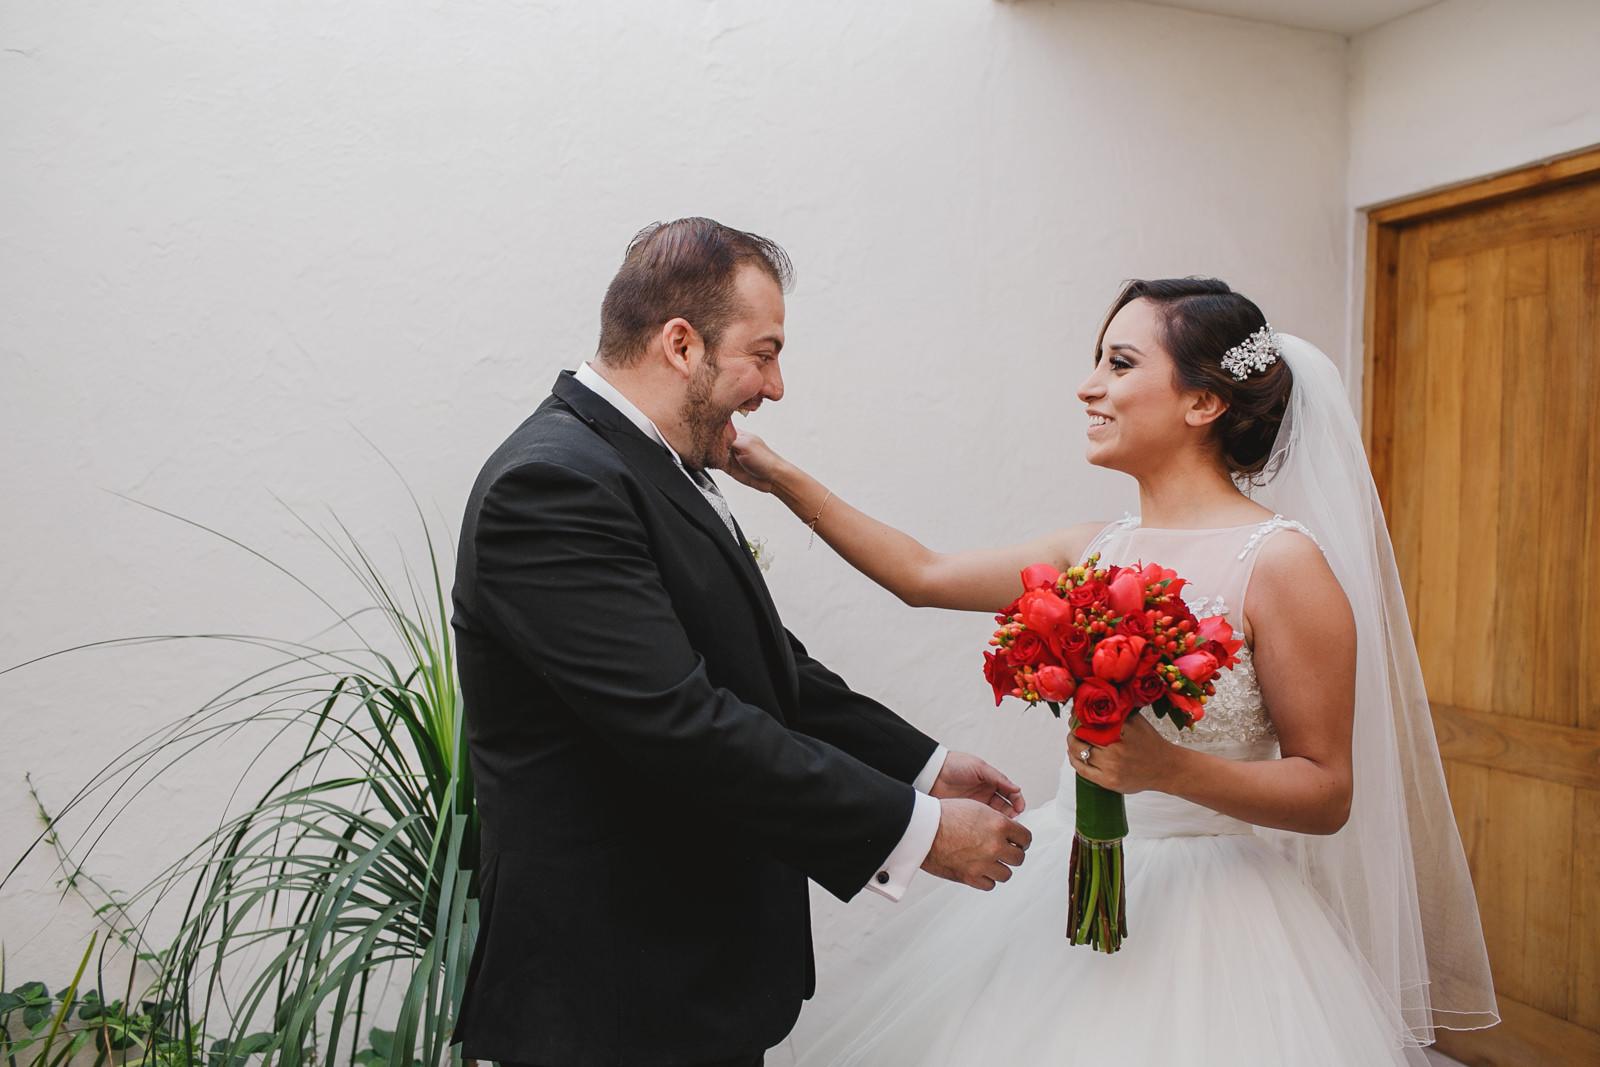 armando-aragon-fotografo-de-bodas-019